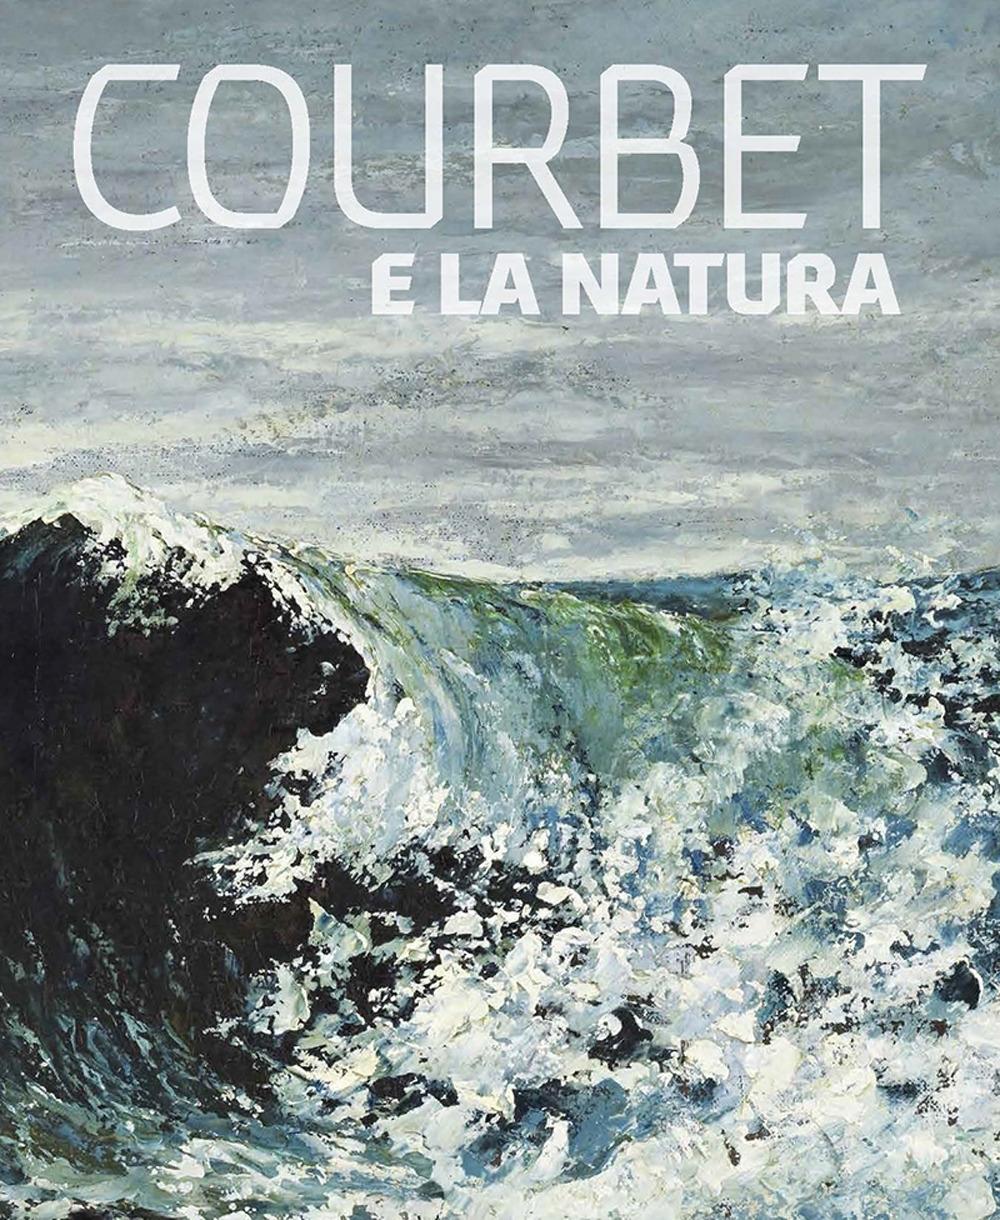 Courbet e la natura.